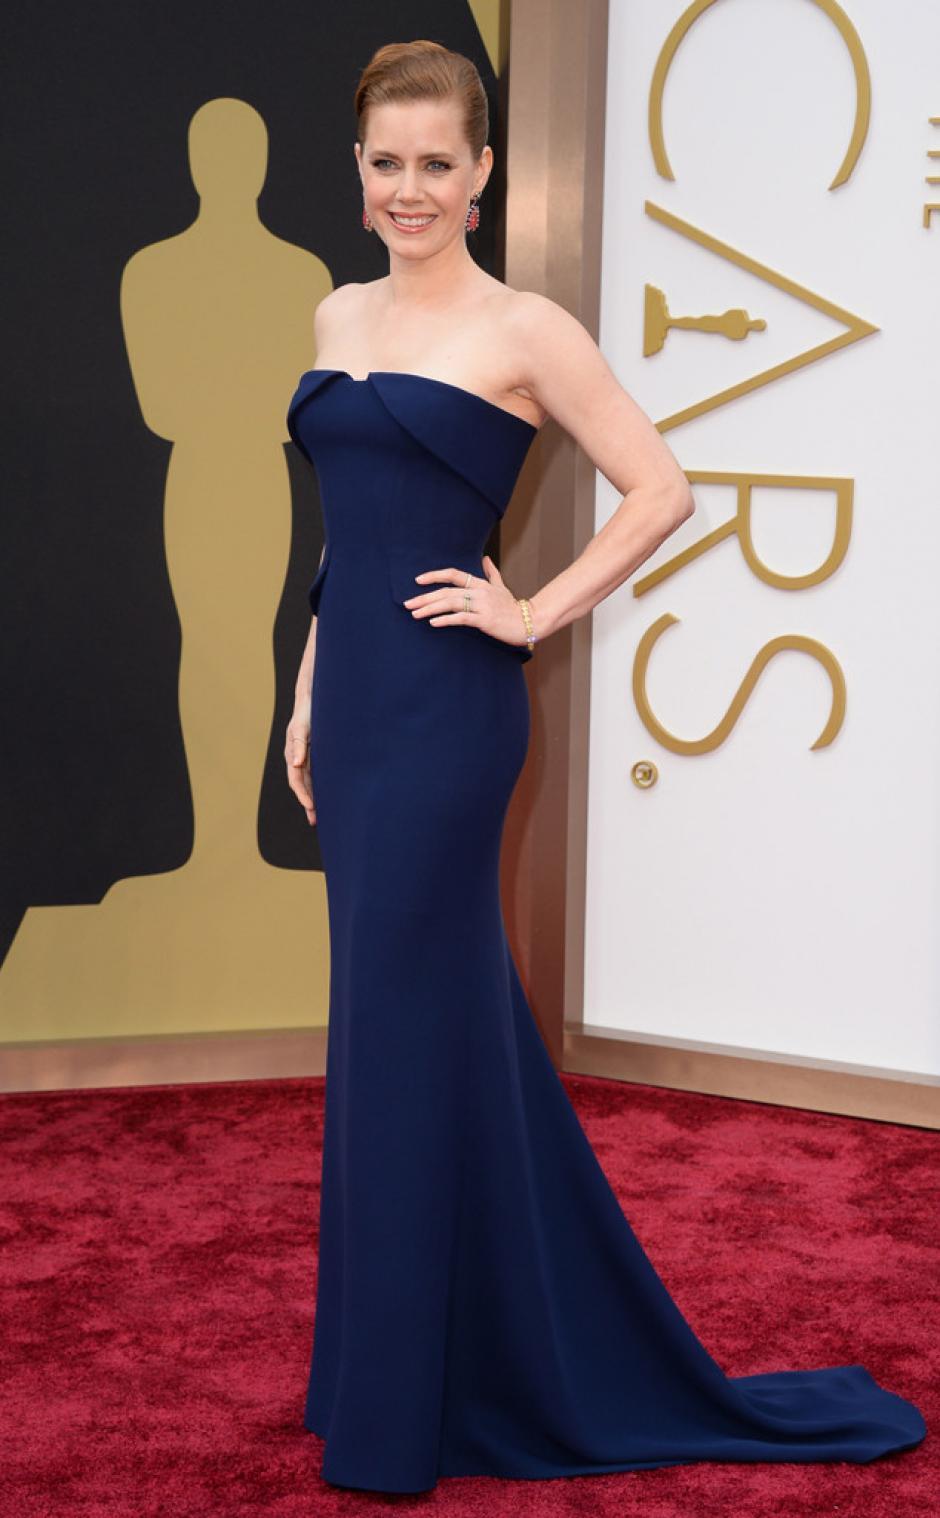 Amy Adams está nominada a cuatro distintos premios. En 2009 también compitió por la presea a mejor actriz. Utiliza un diseño de Gucci. Resalta el detalle de los pendientes color fucsia. (Foto: E!)